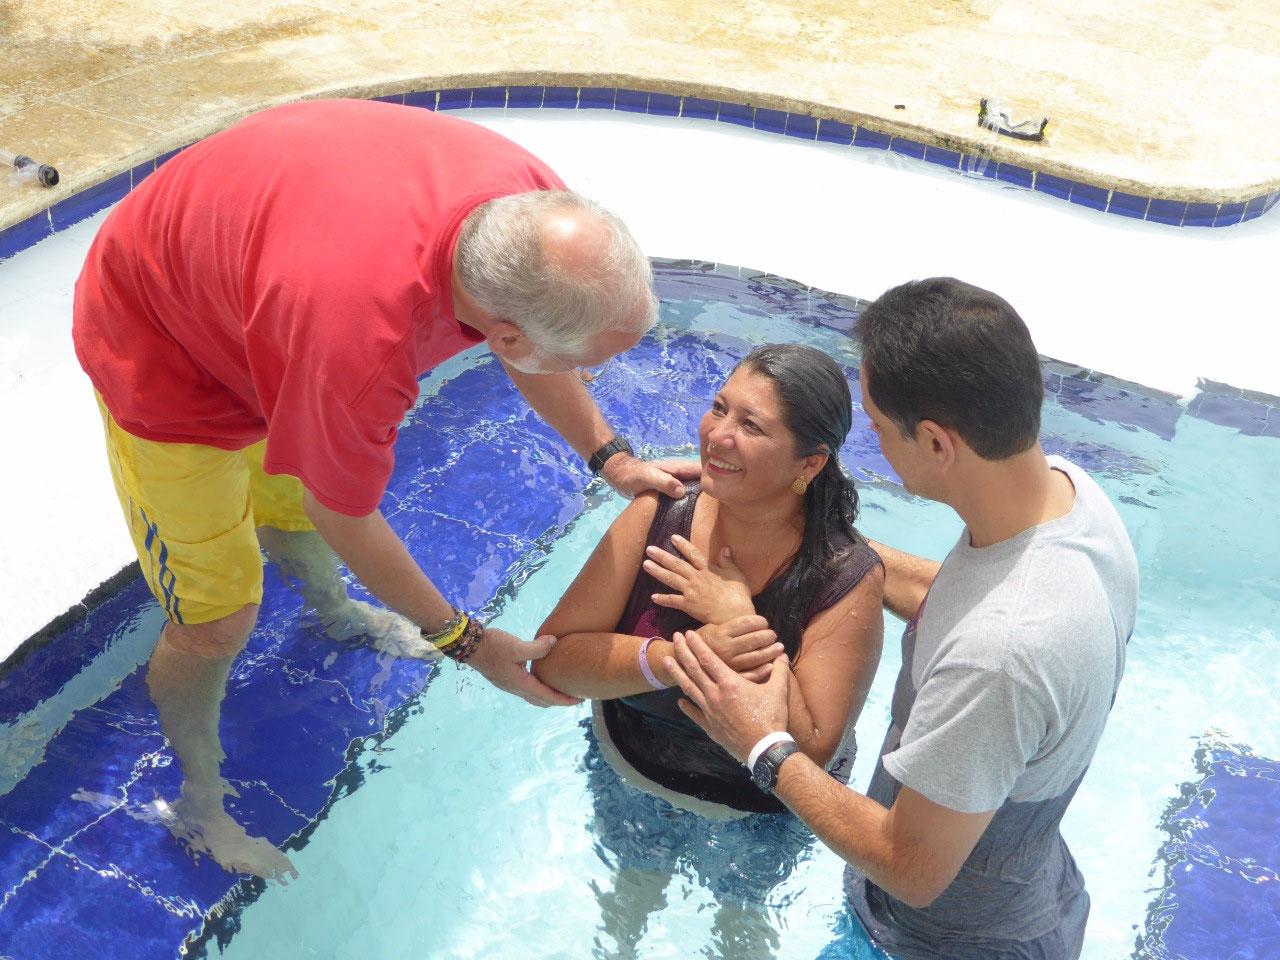 Scott, Doris, and Jaime